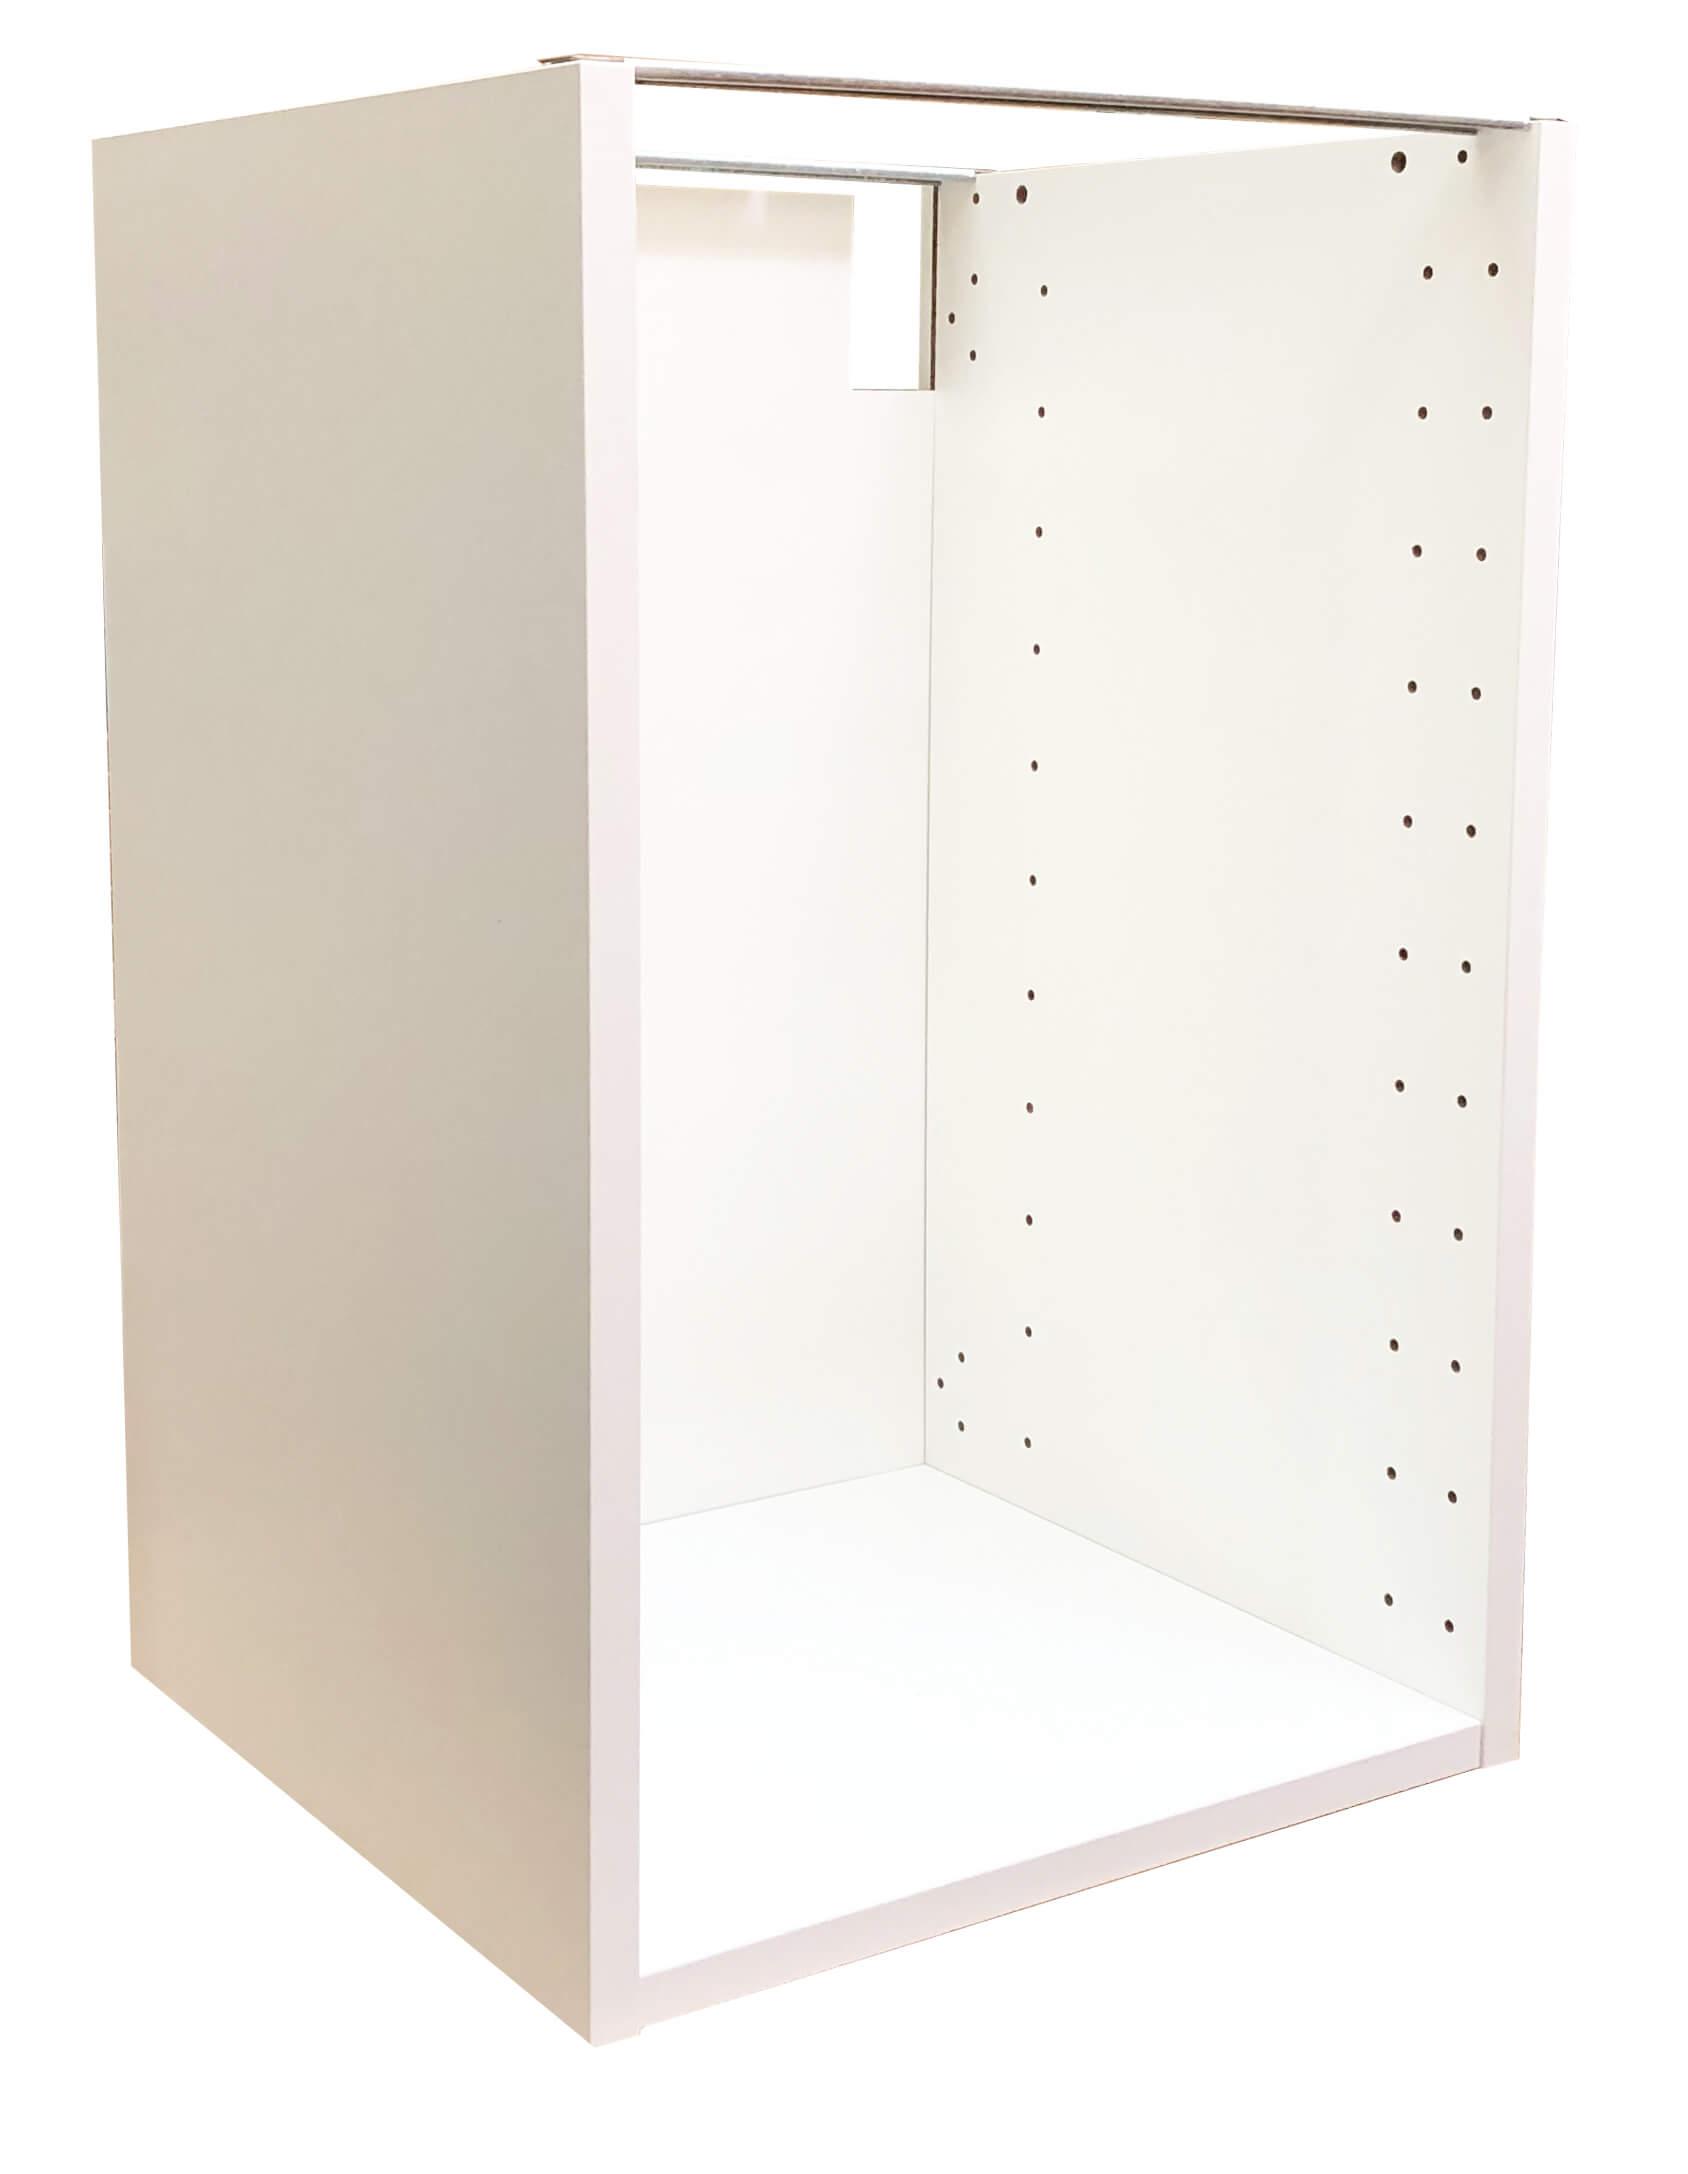 Full Size of Ikea Unterschrank Metod 40x37x60cm 60260429 Küche Kaufen Kosten Eckunterschrank Bad Holz Sofa Mit Schlaffunktion Badezimmer Betten Bei 160x200 Modulküche Wohnzimmer Ikea Unterschrank